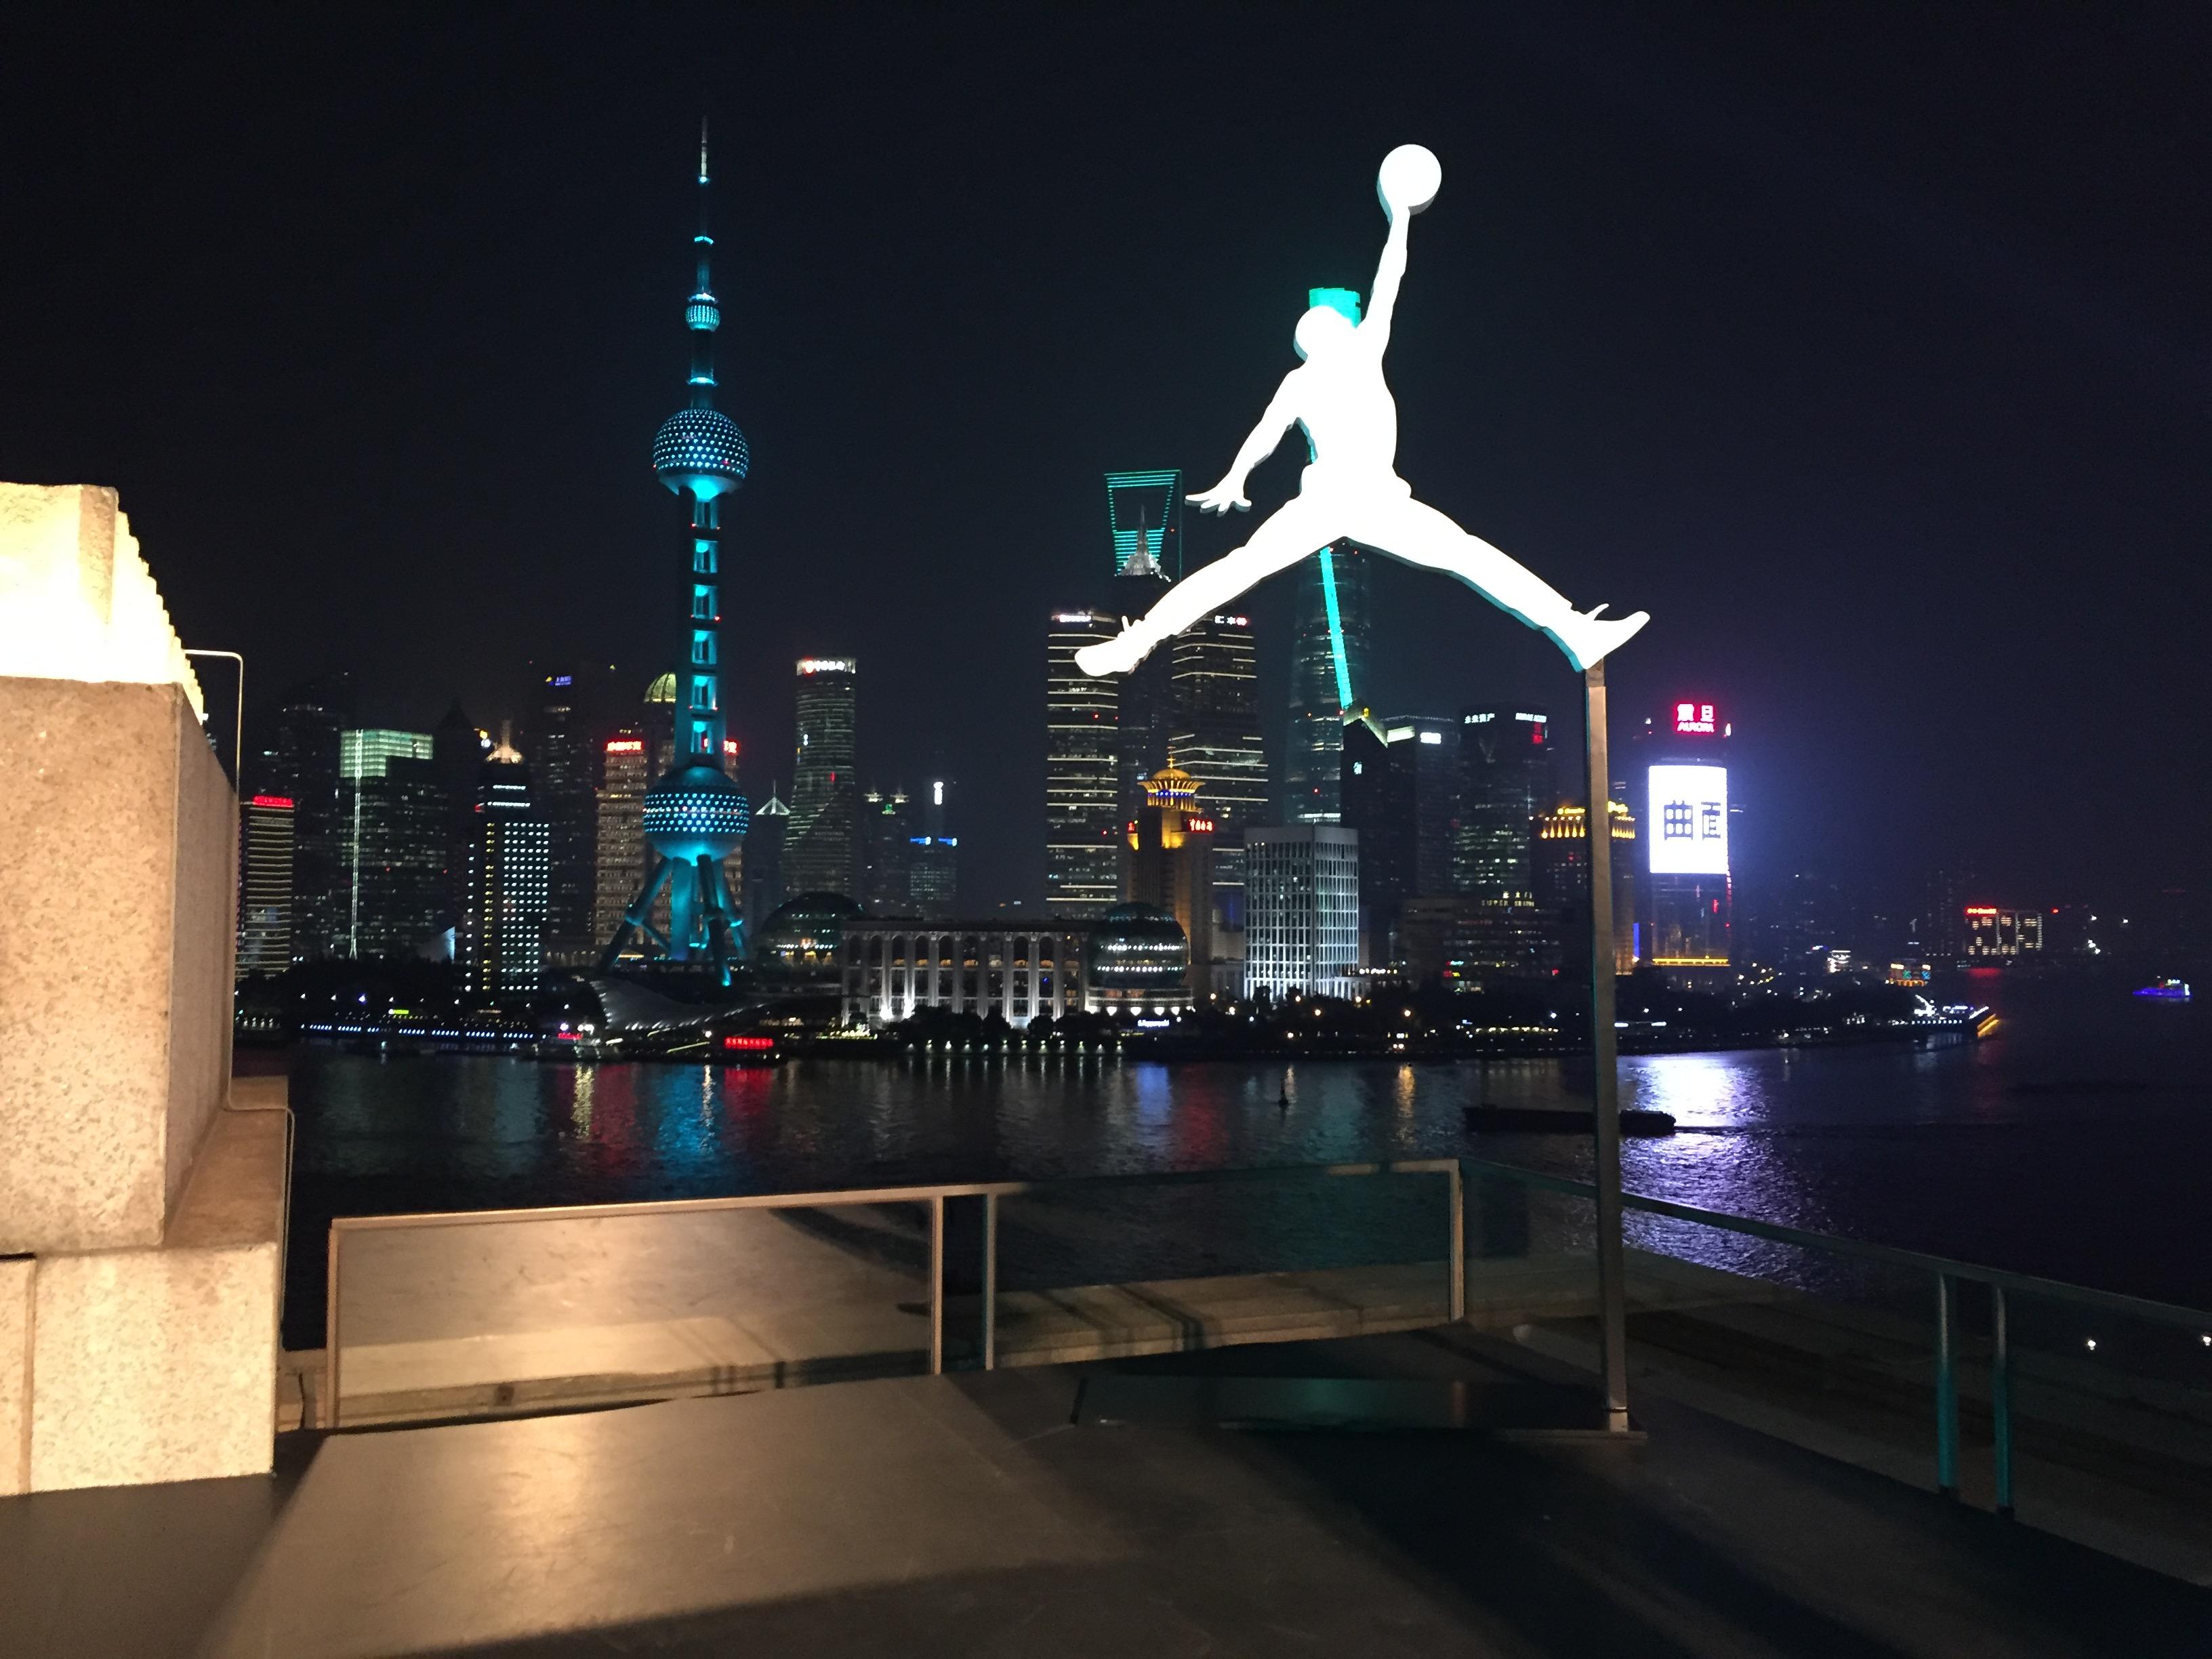 The Jordan Brand logo silhouetted against Shanghai's skyline.